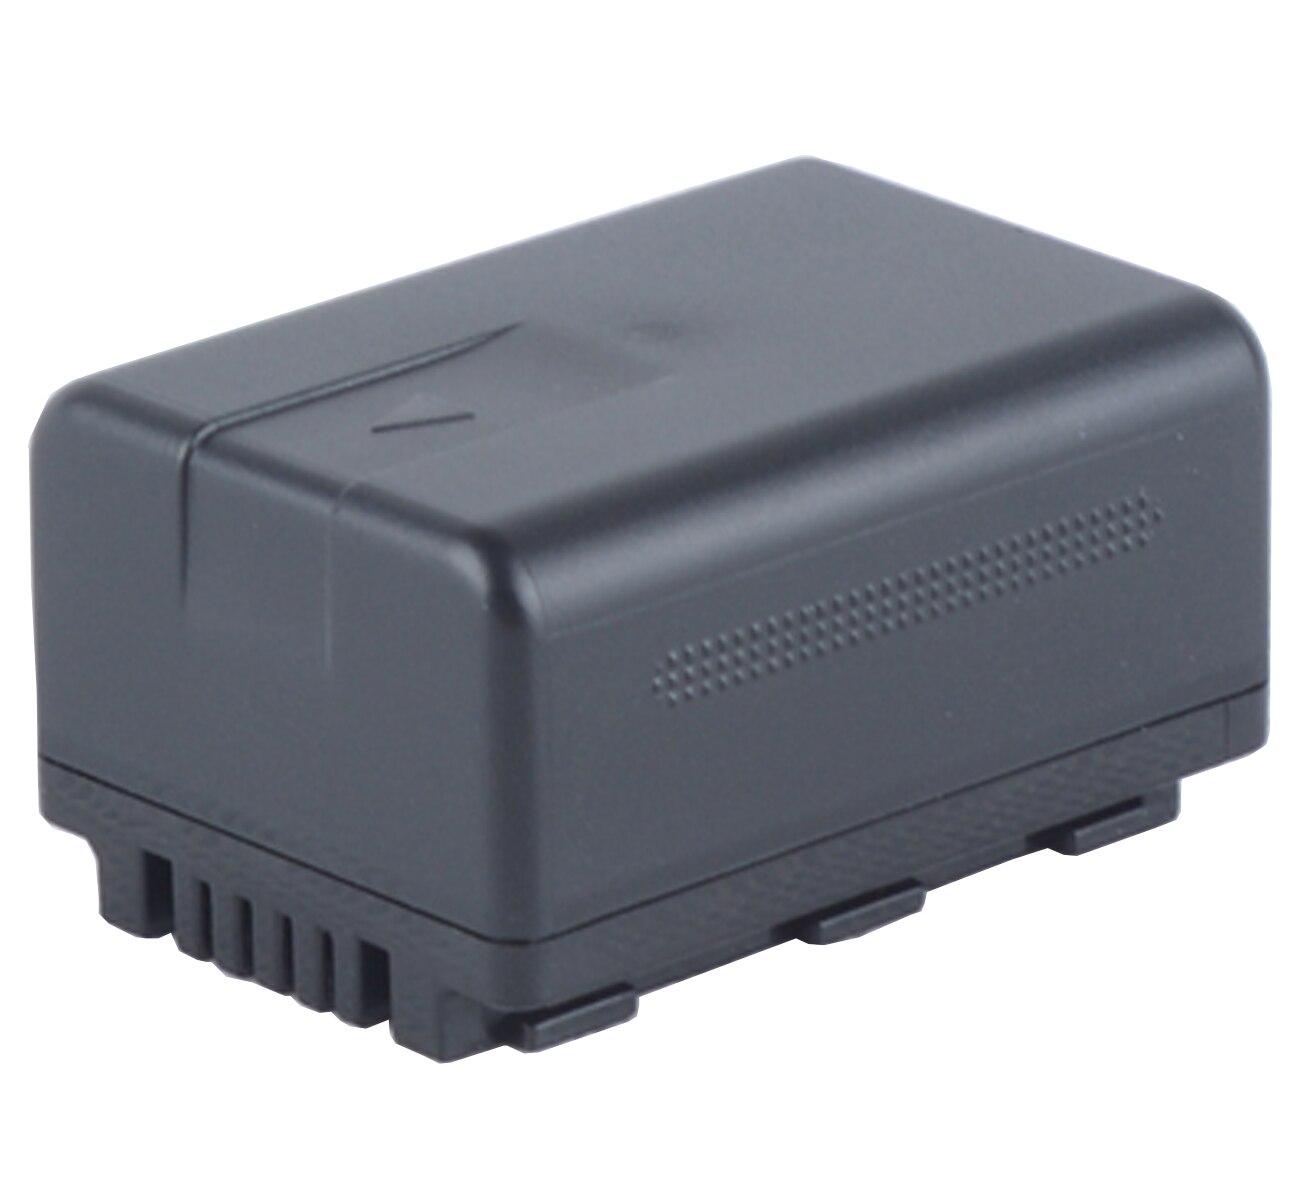 Premium Projector Lamp for Sanyo 6102822755,610 282 2755,610-282-2755,PLC-21N,PLC-XP17,PLC-XP17E,PLC-XP17N,PLC-XP18